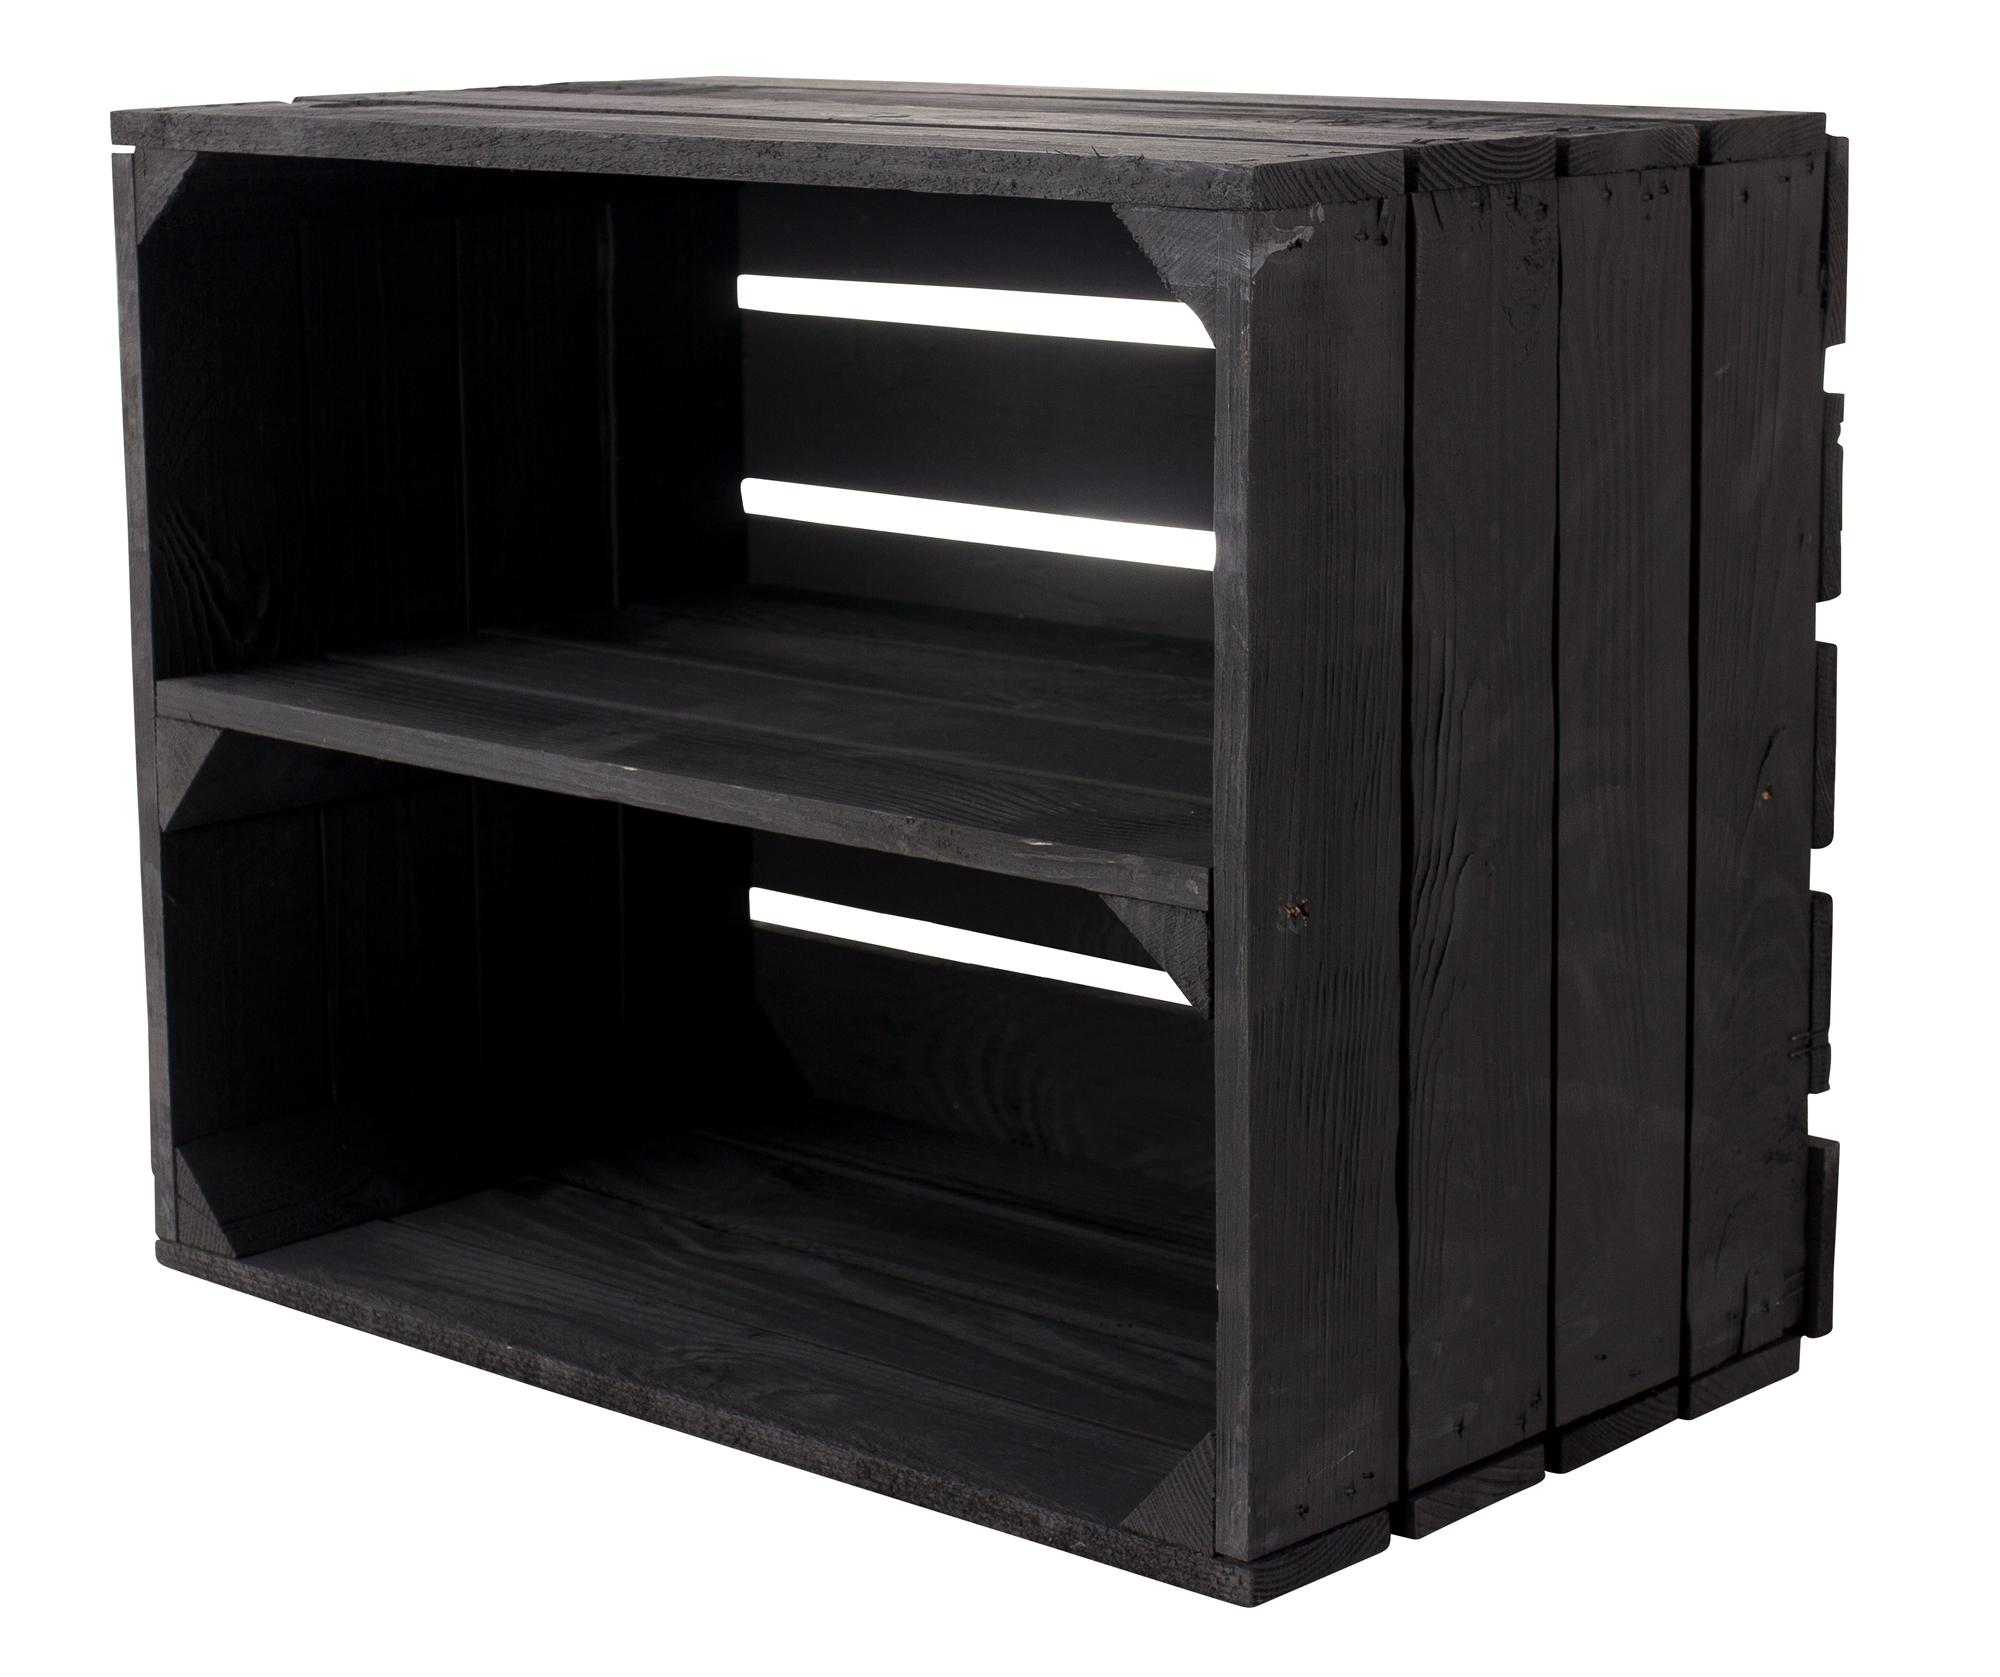 36x Holzkiste für Schuh- und Bücherregal in schwarz 50x40x30cm